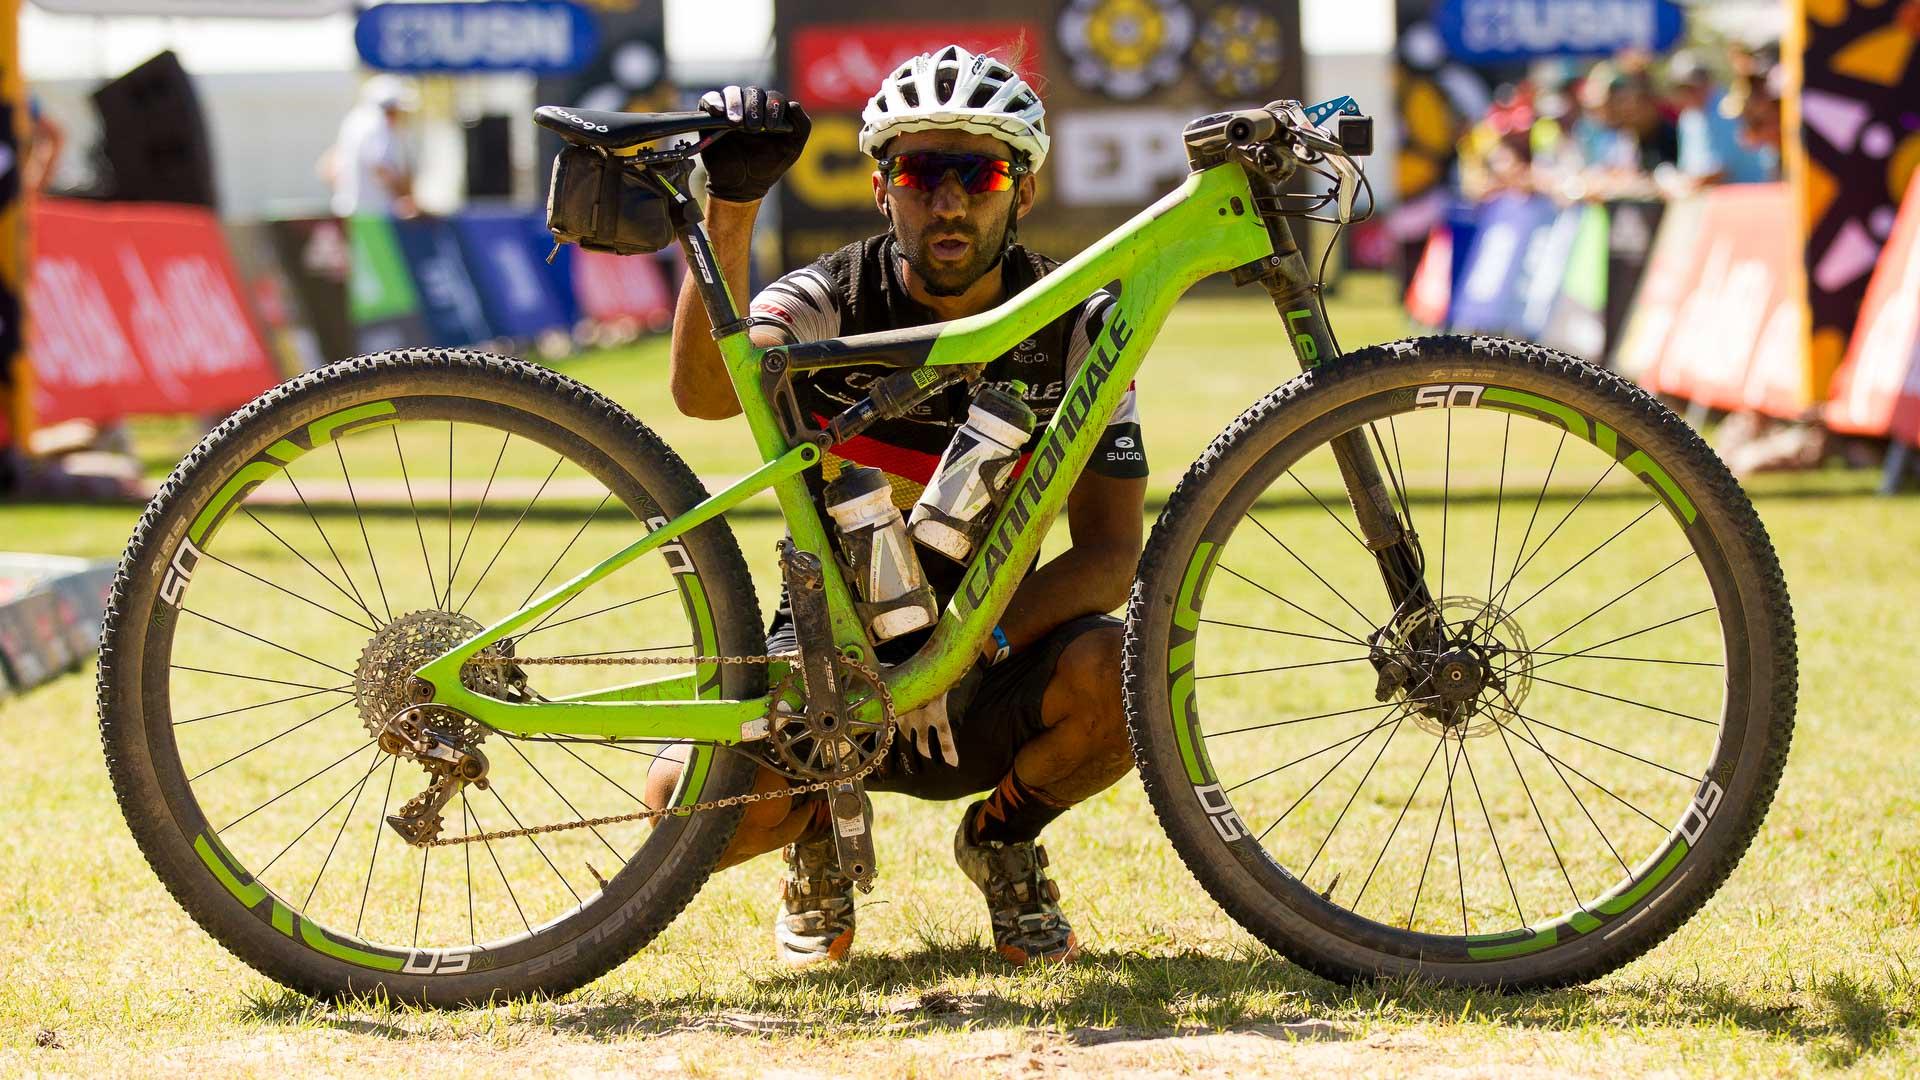 Manuel Fumic à l'arrivée du Cape Epic, où il a d'ailleurs gagné une étape. Photo : Gary Perkin/Cape Epic/SPORTZPICS